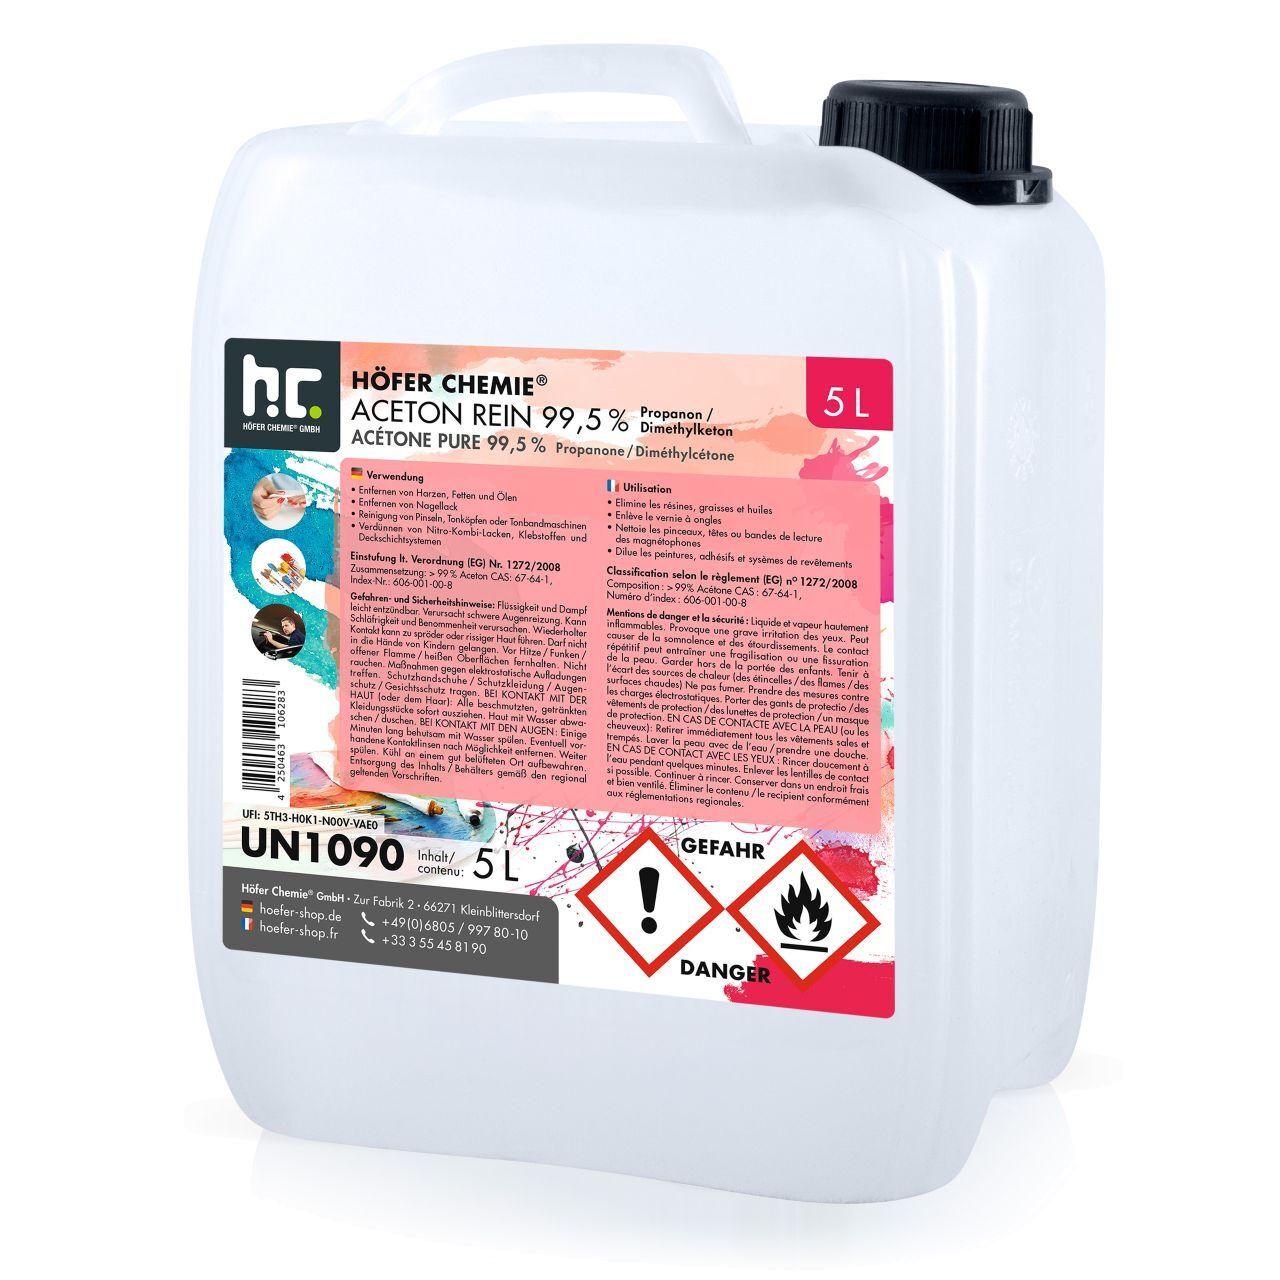 Höfer Chemie 5 l Acétone pur 99,5% (1 x 5 l)